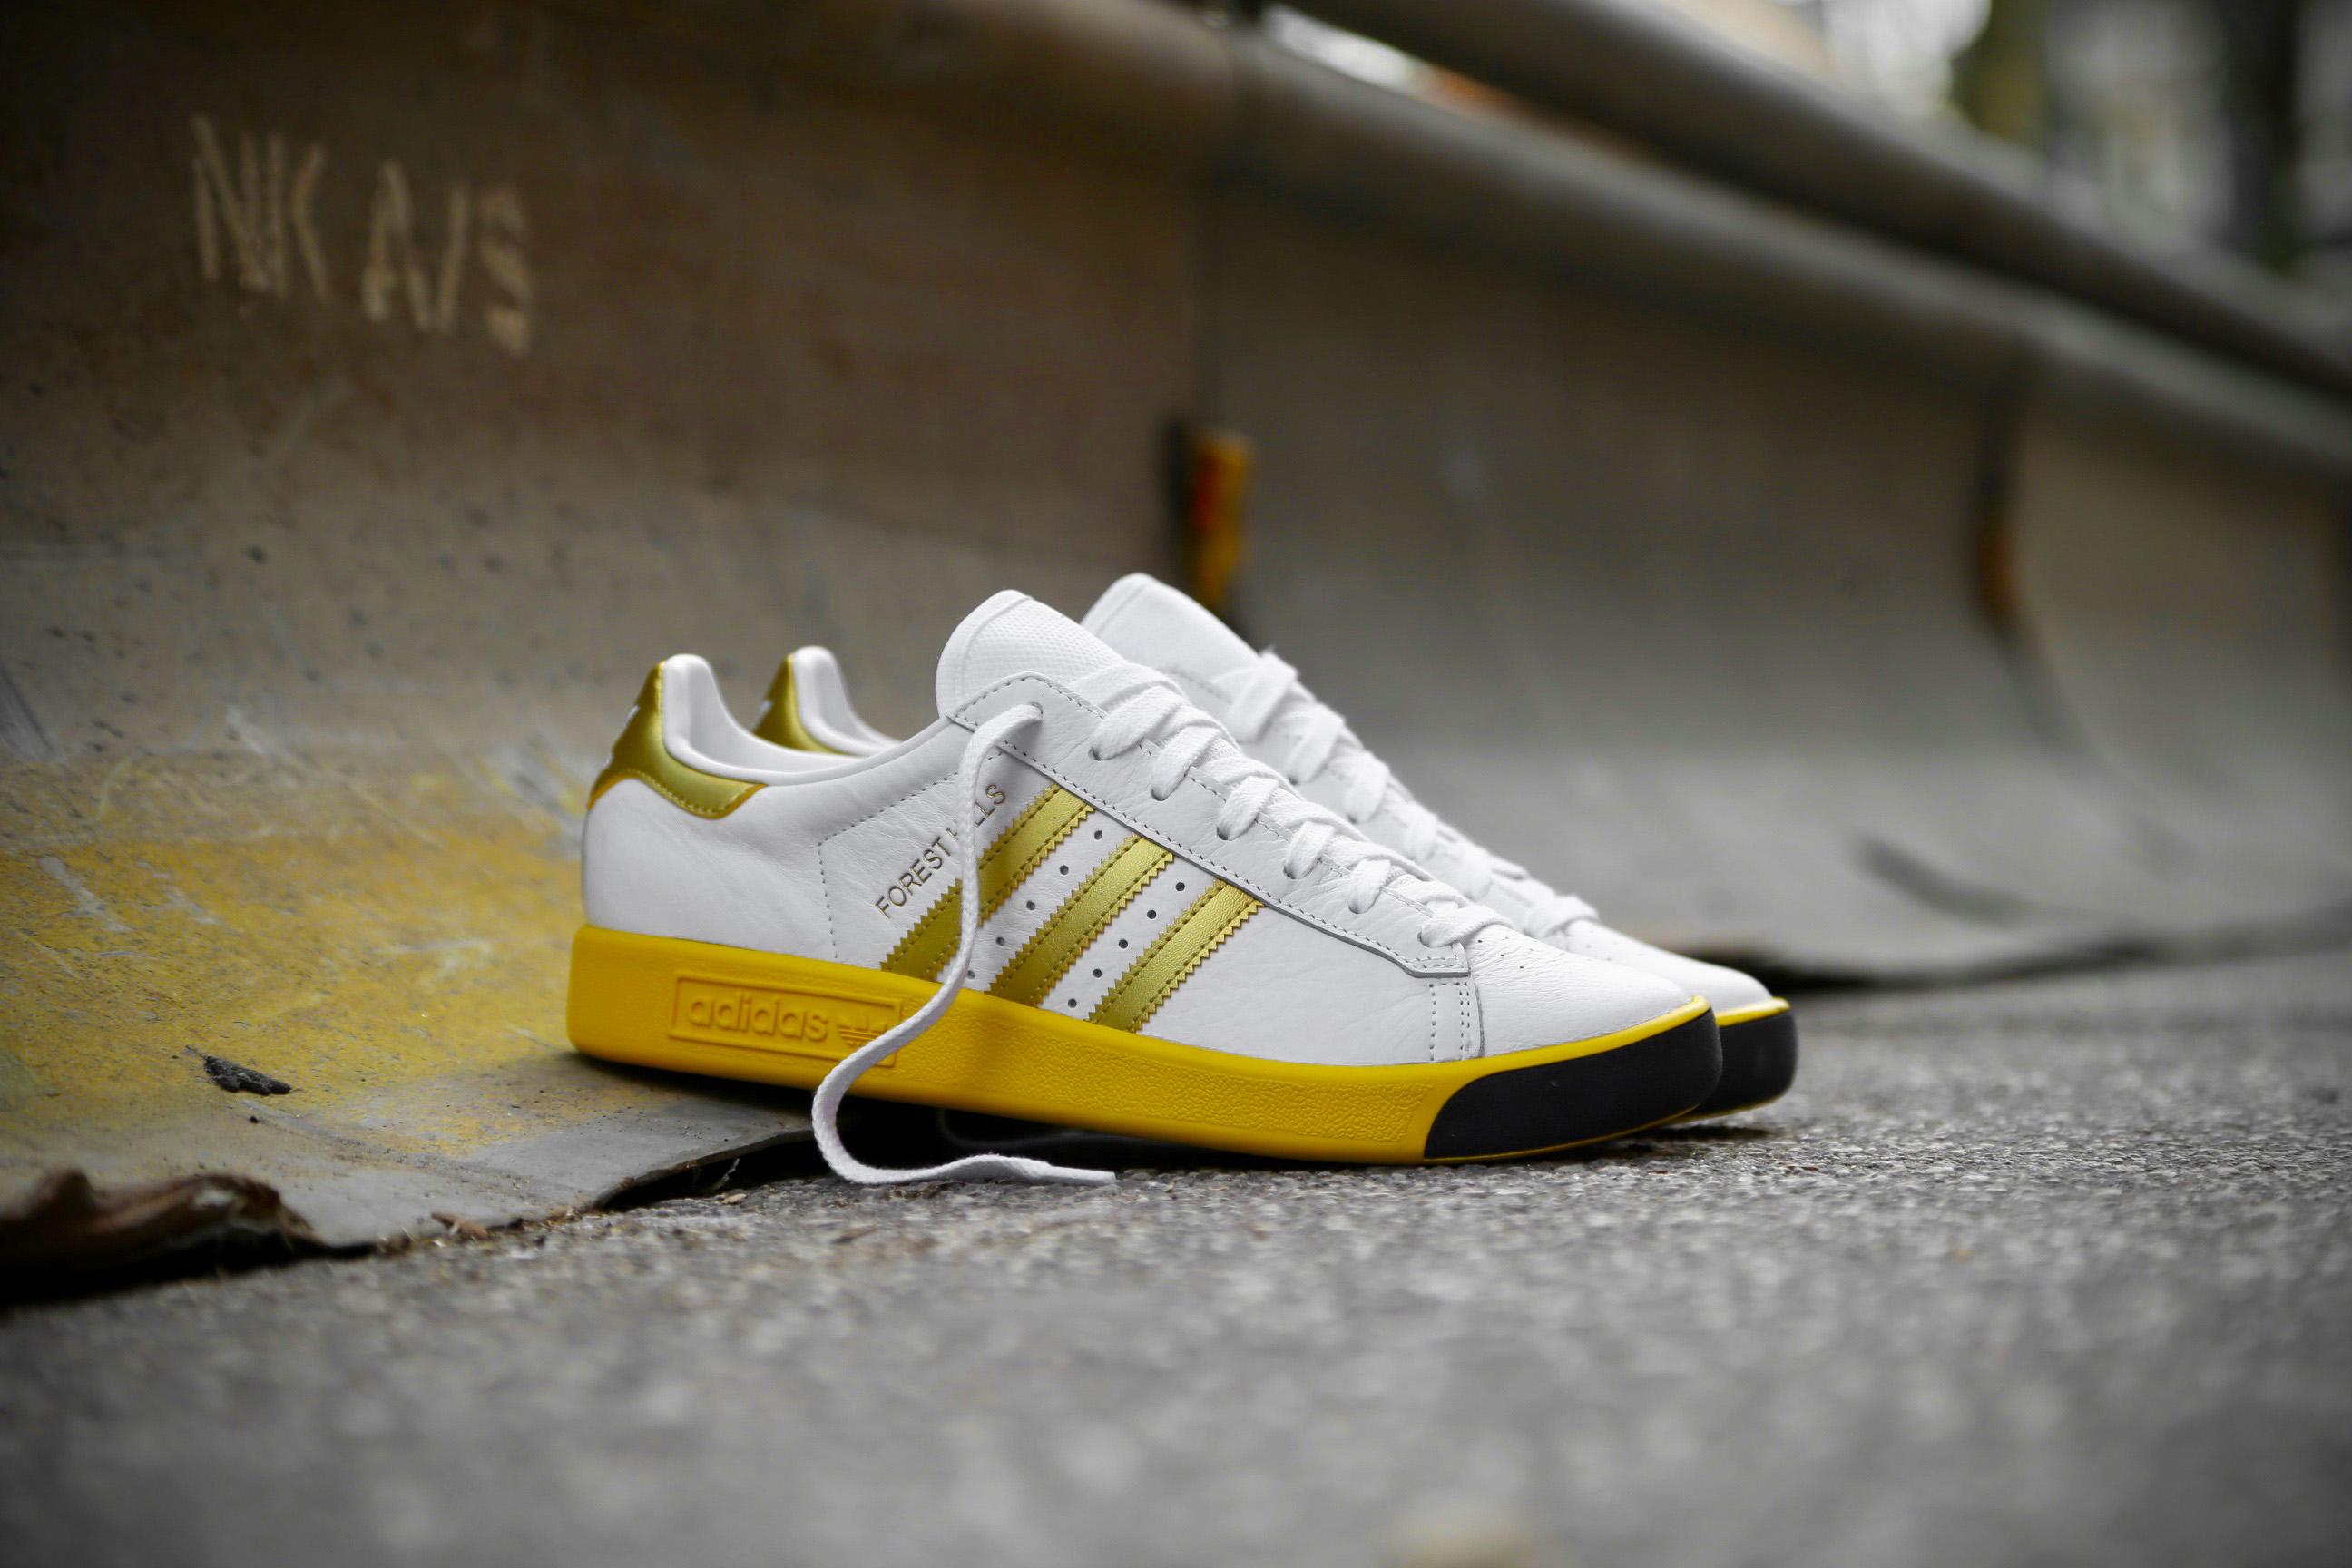 timeless design 6e89a 2694d adidas Originals Forest Hills – Ftwr White   Gold Metallic   EQT ...